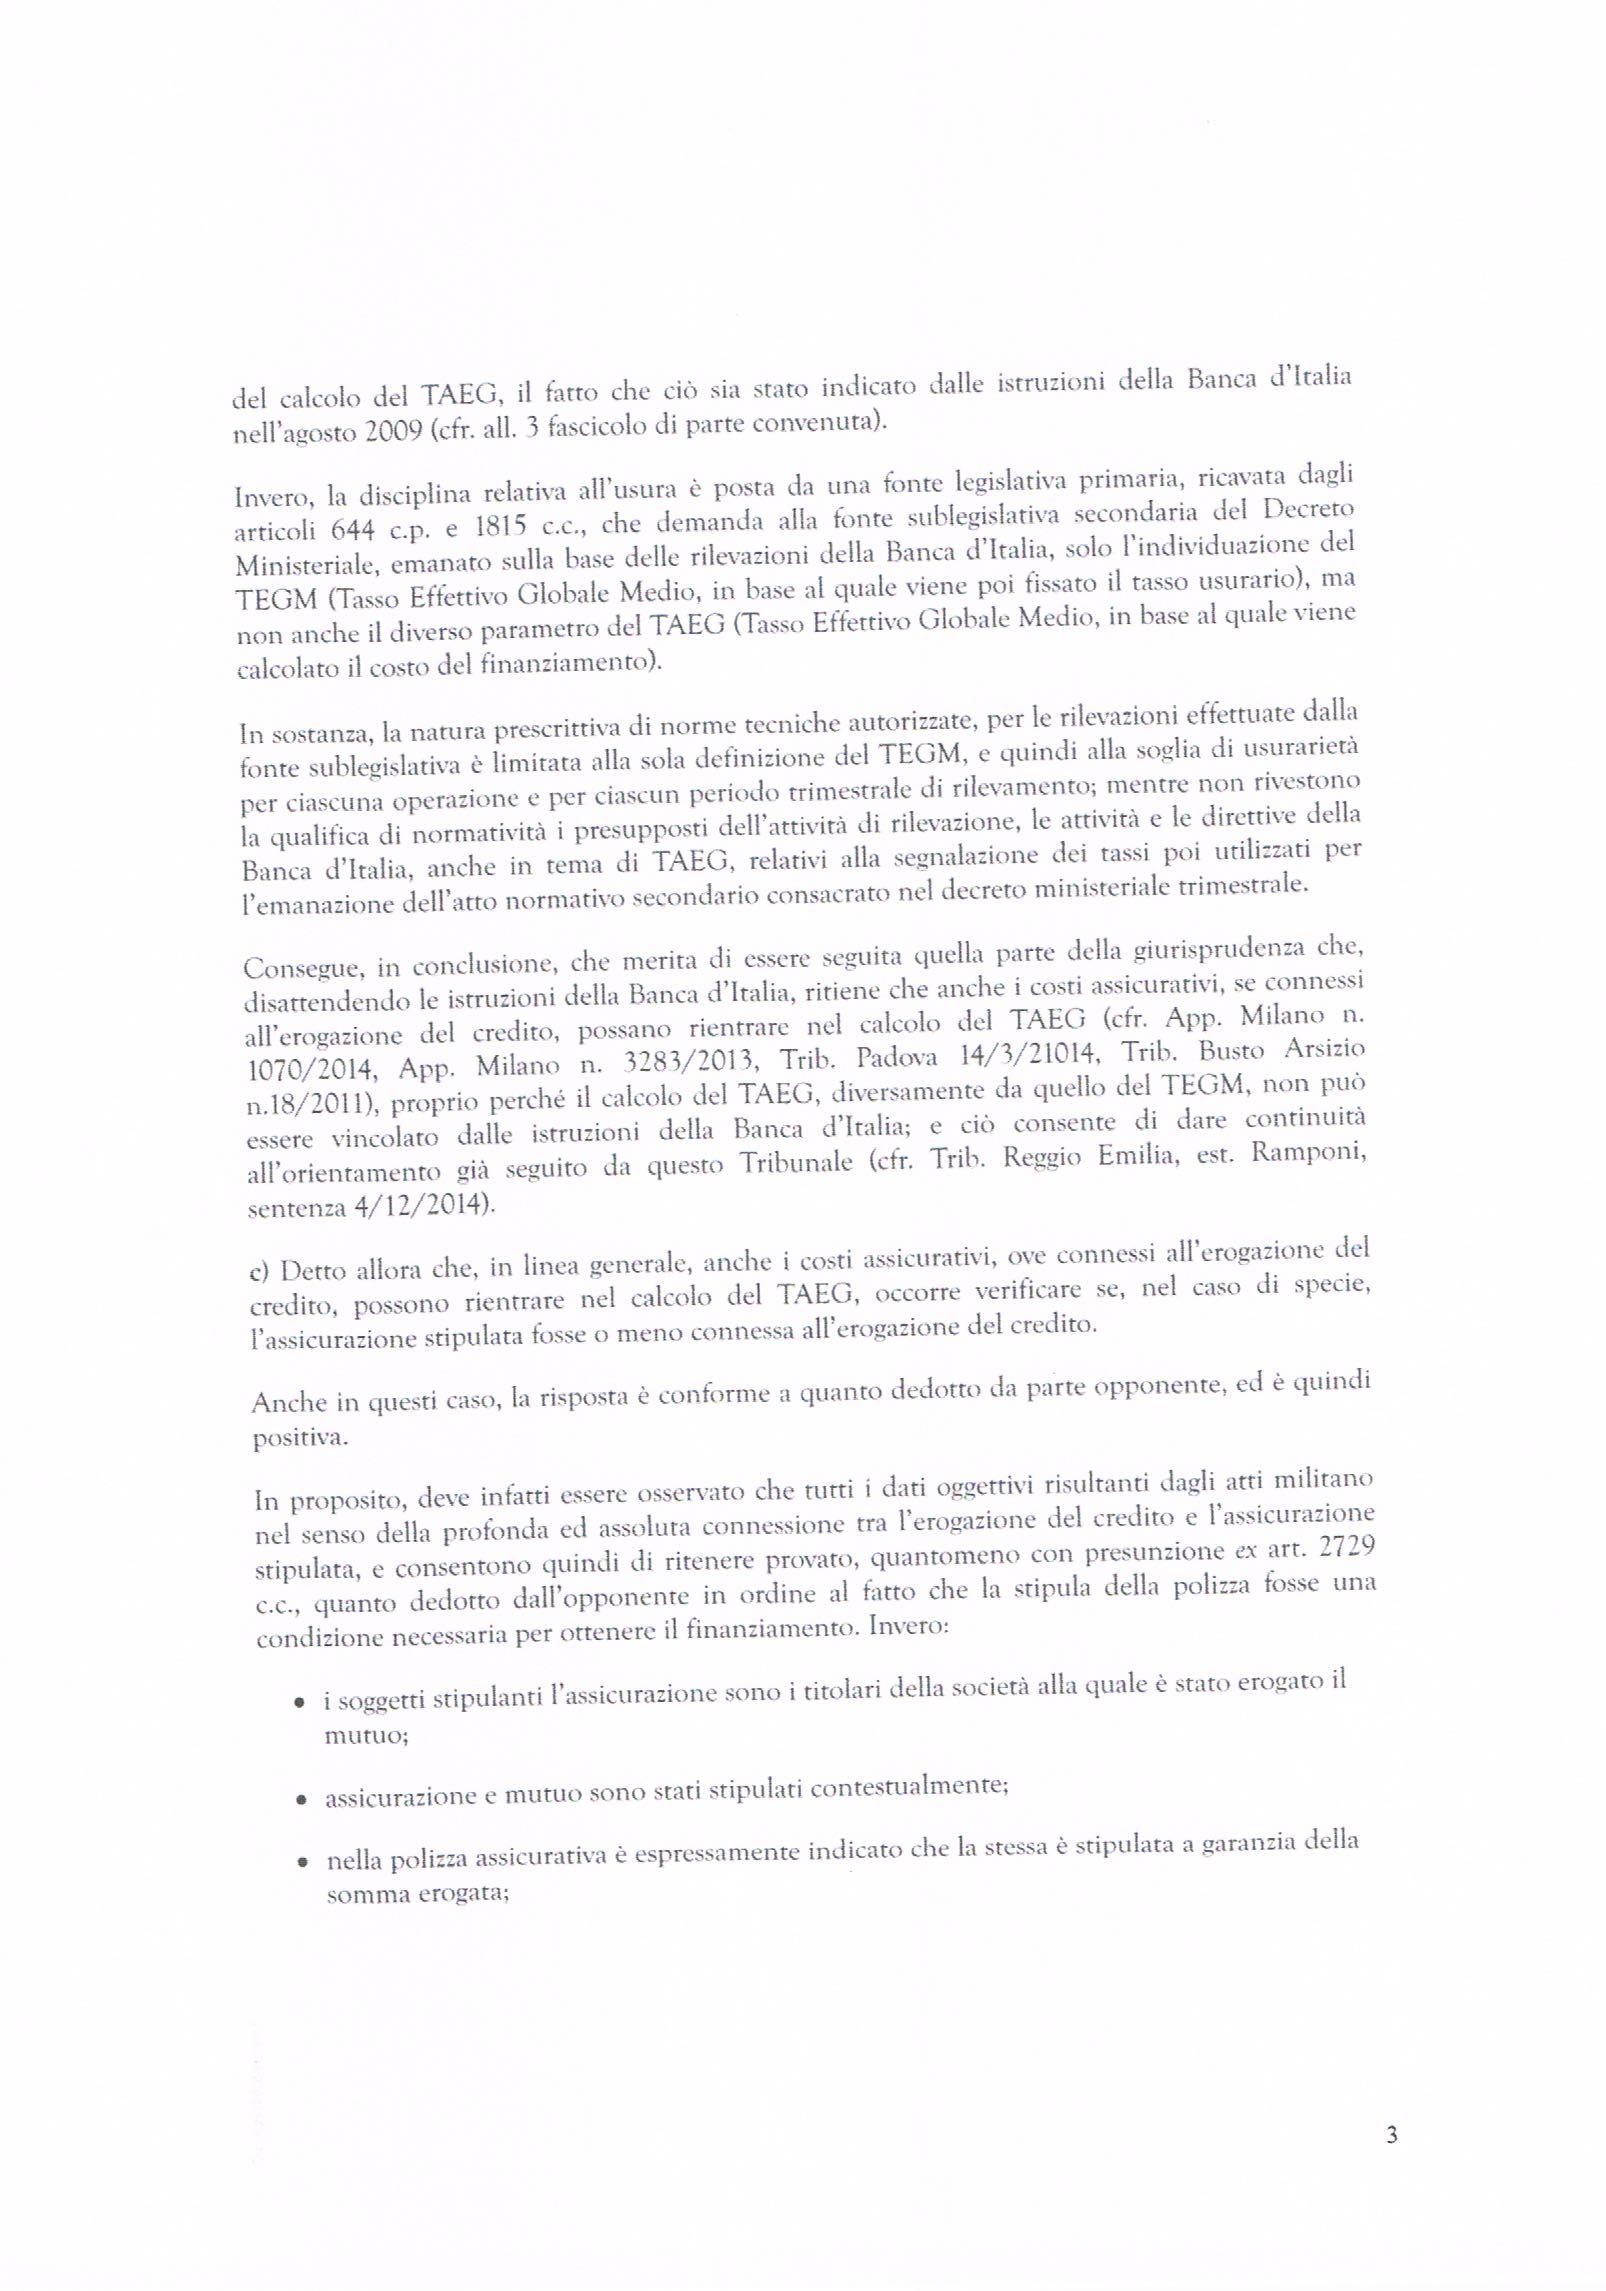 tribunale_di_reggio_emilia_3_luglio_2015 SiaStudioItalia_5